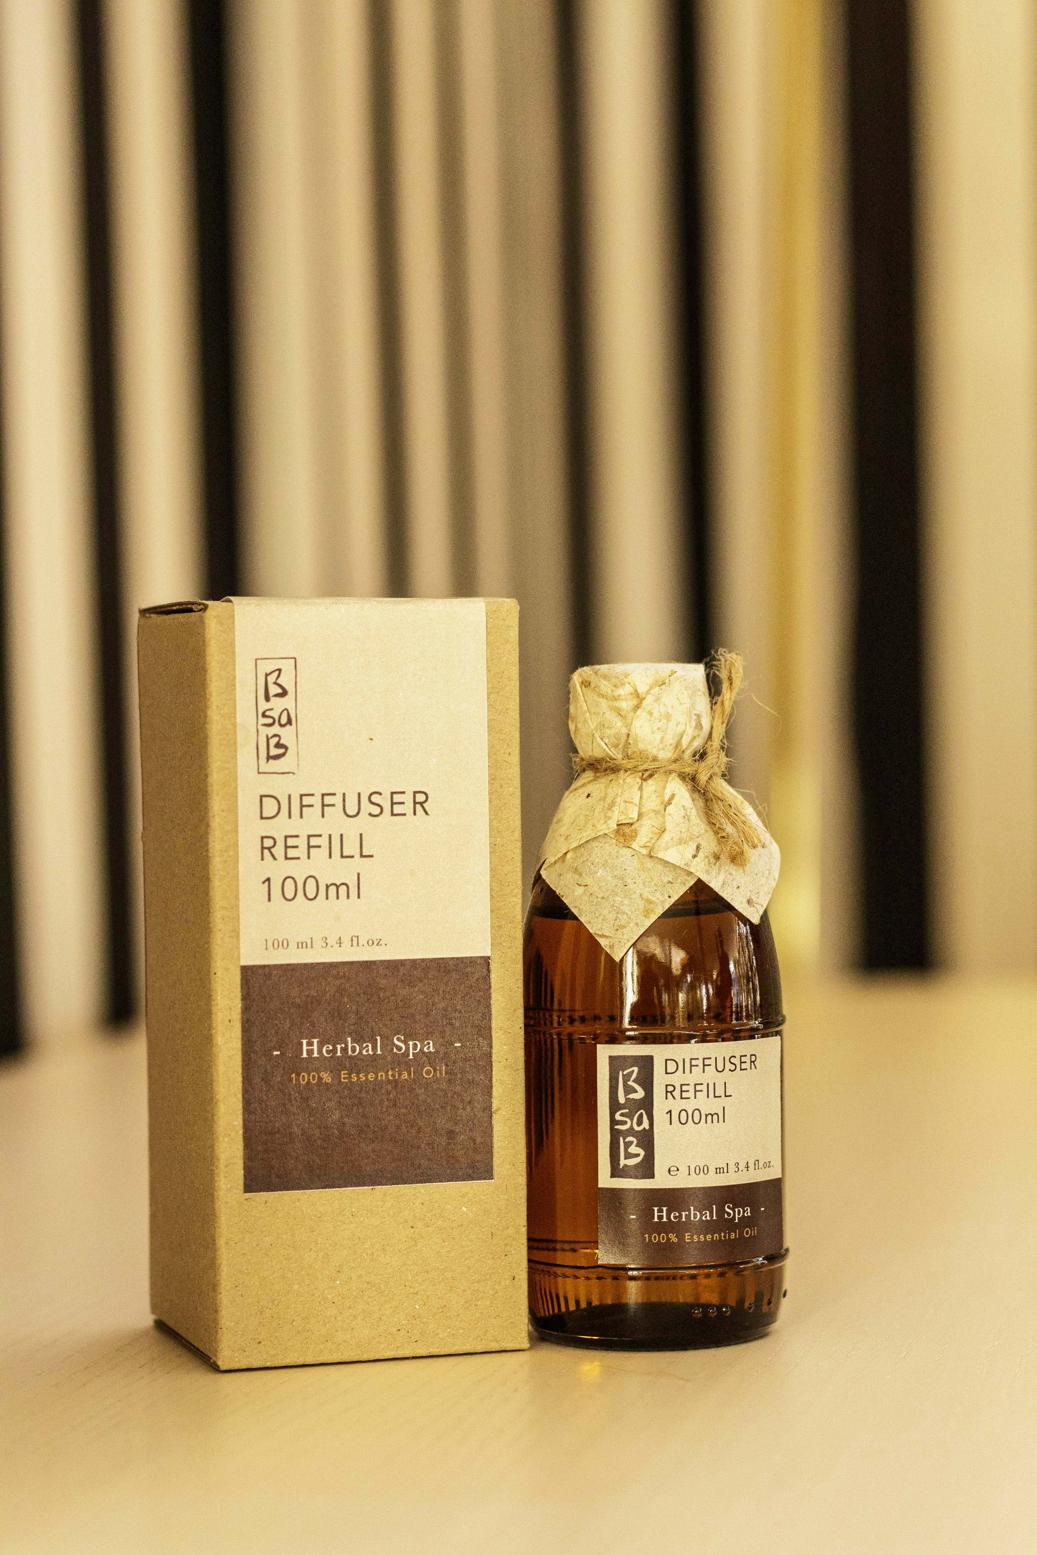 Diffuser refill 100ml essential oil